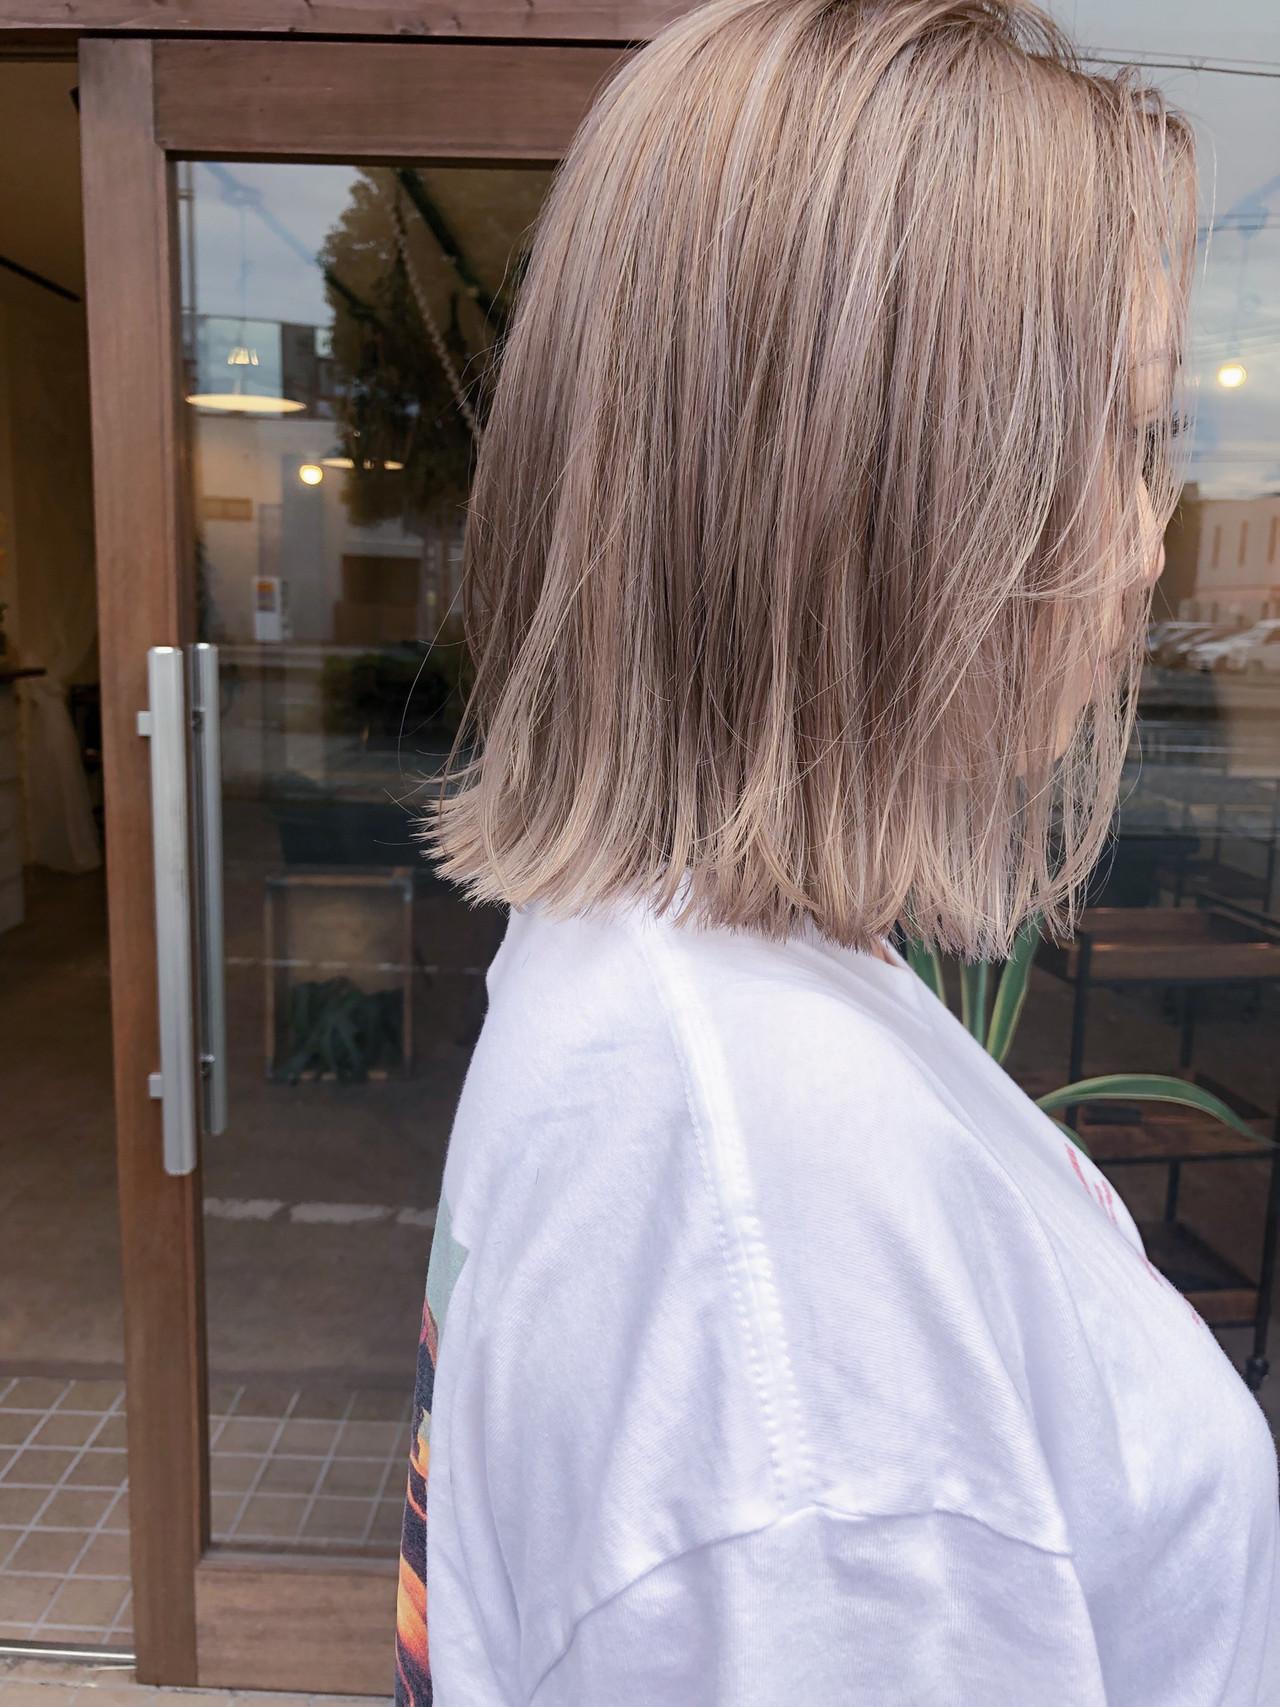 ボブ ハイトーンカラー 大人かわいい ストリート ヘアスタイルや髪型の写真・画像